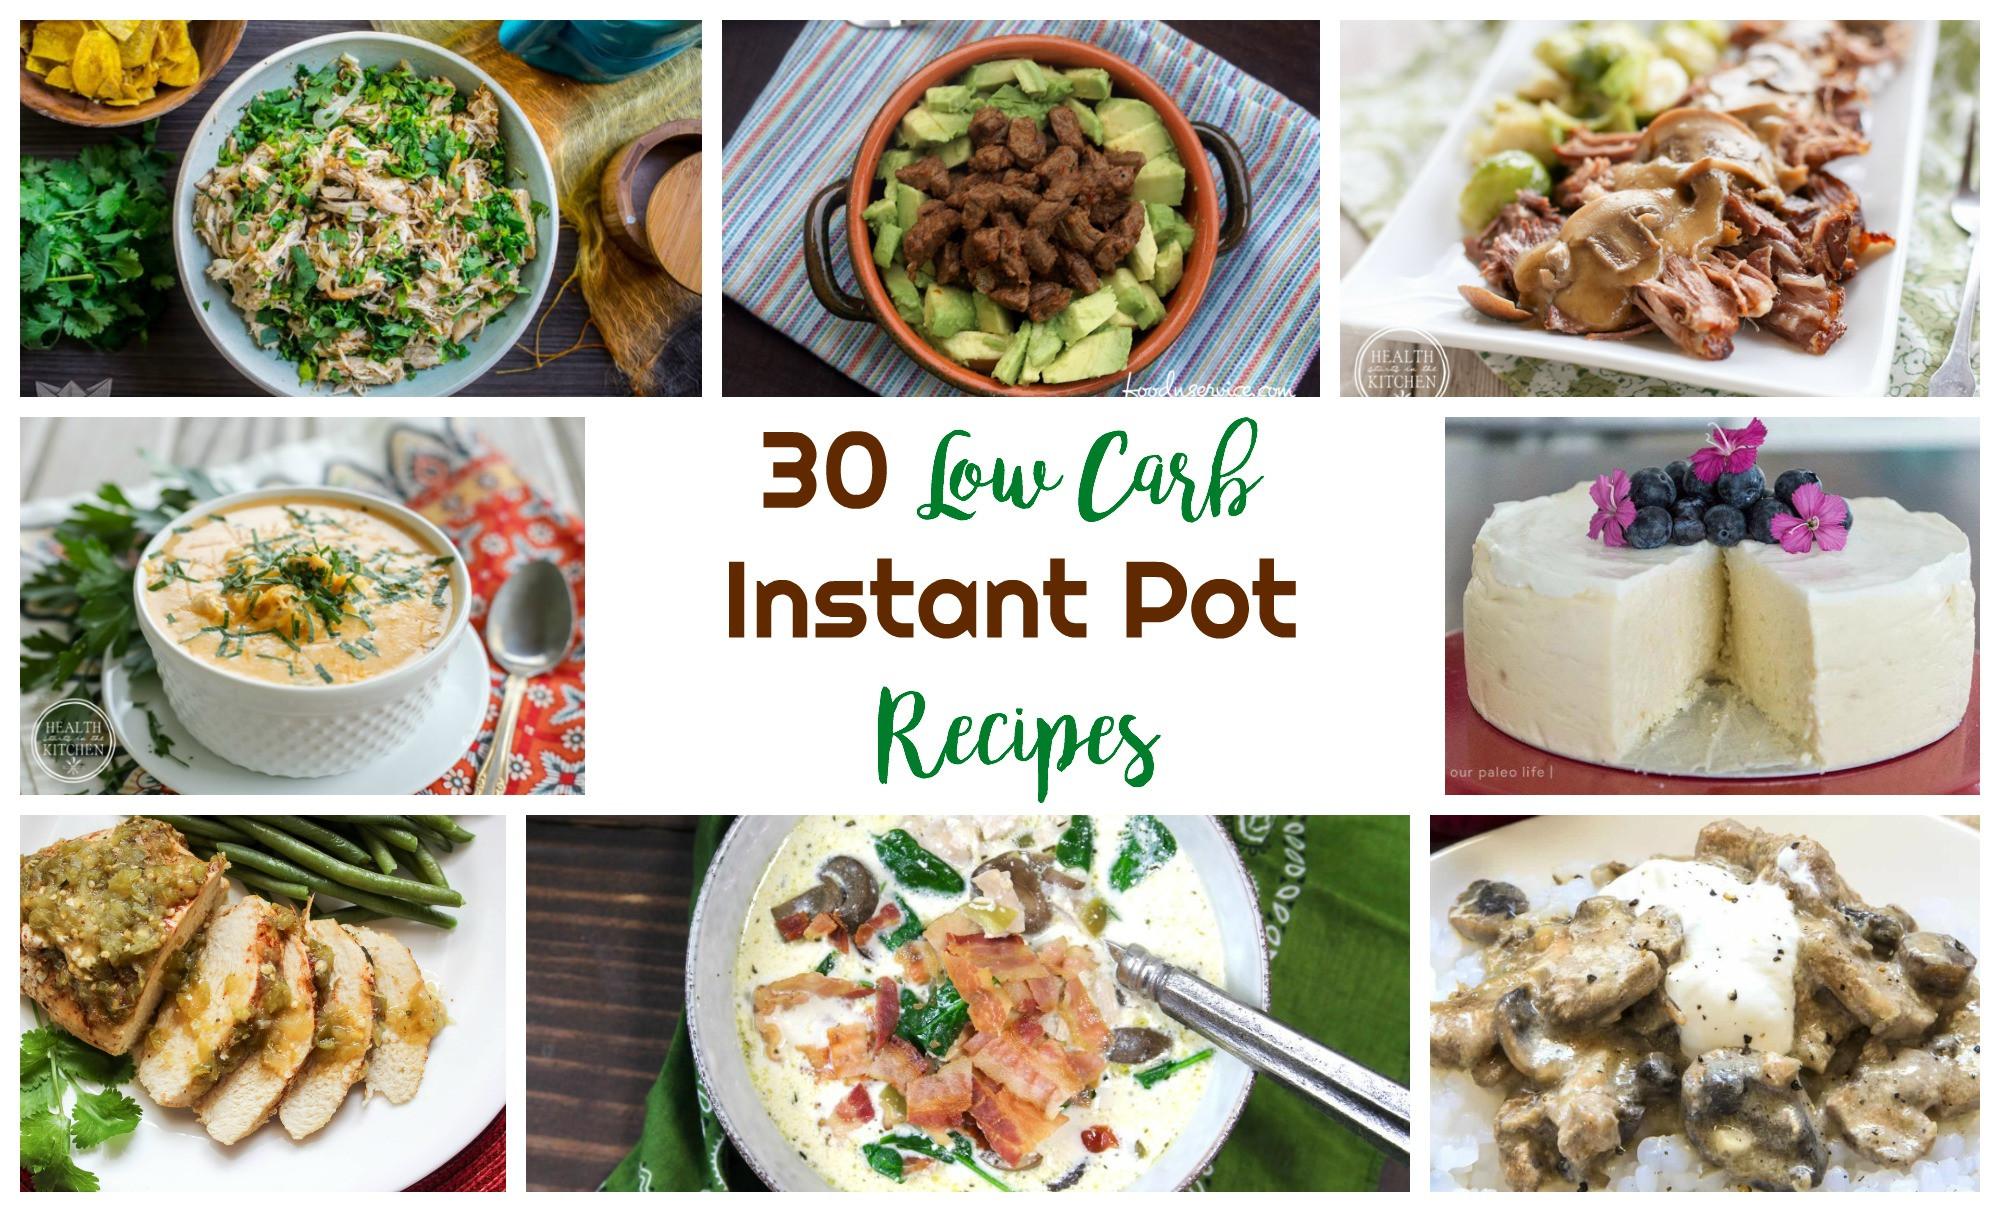 Healthy Instant Pot Recipes Low Carb  Low Carb Instant Pot Recipes